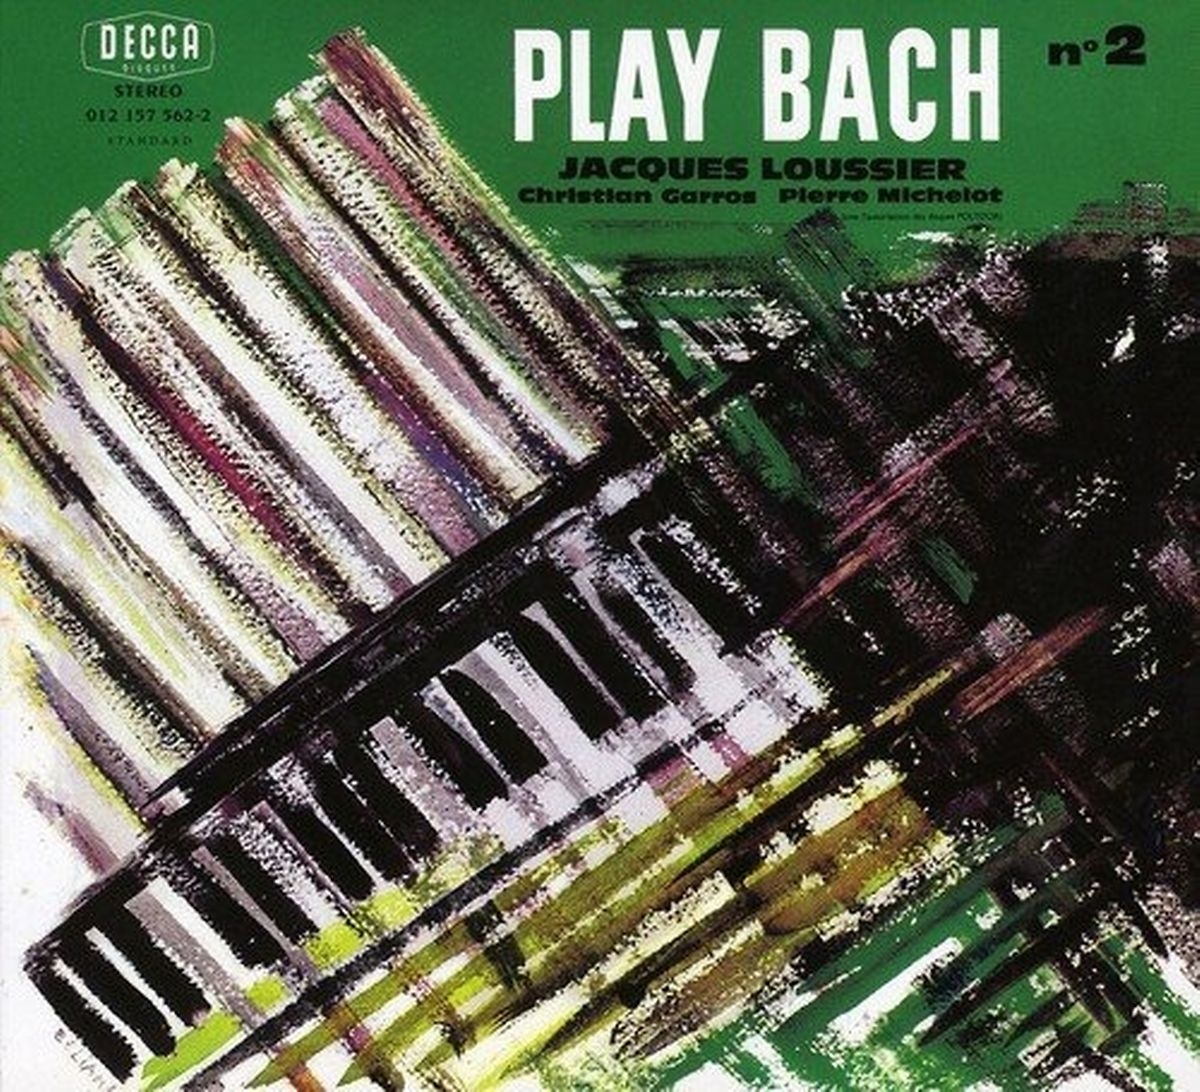 """Zeitkolorit: Die Covergestaltung der """"Play Bach"""" - Reihe atmet den Geist der späten 1950er."""